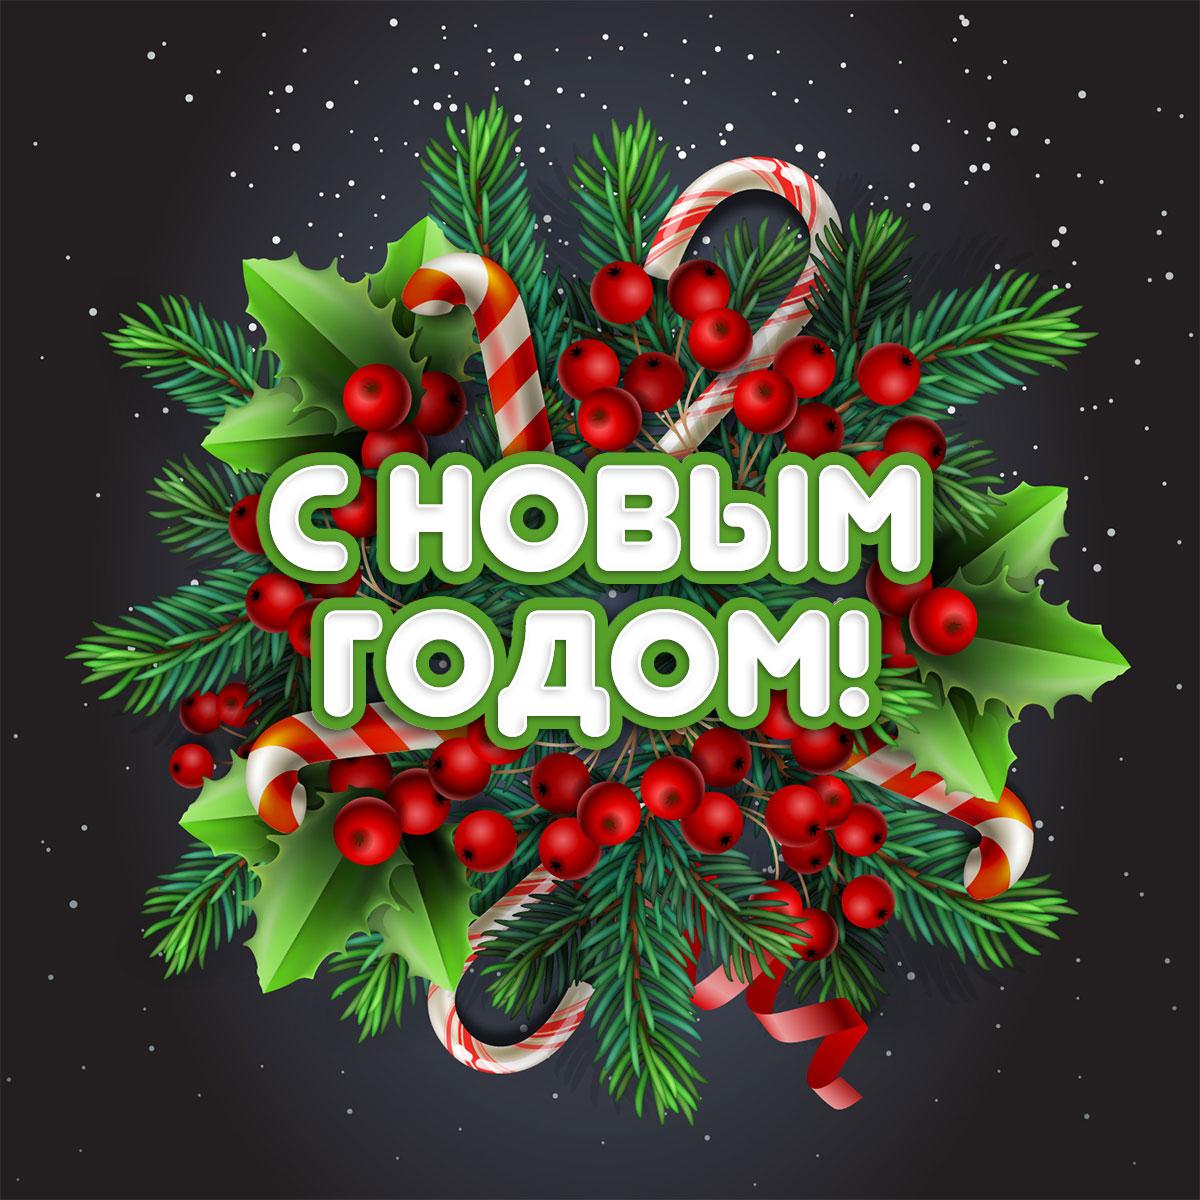 Открытка с поздравительным текстом с новым годом с зелёными листьями и ветками ели, красной рябиной и карамельными тростями.